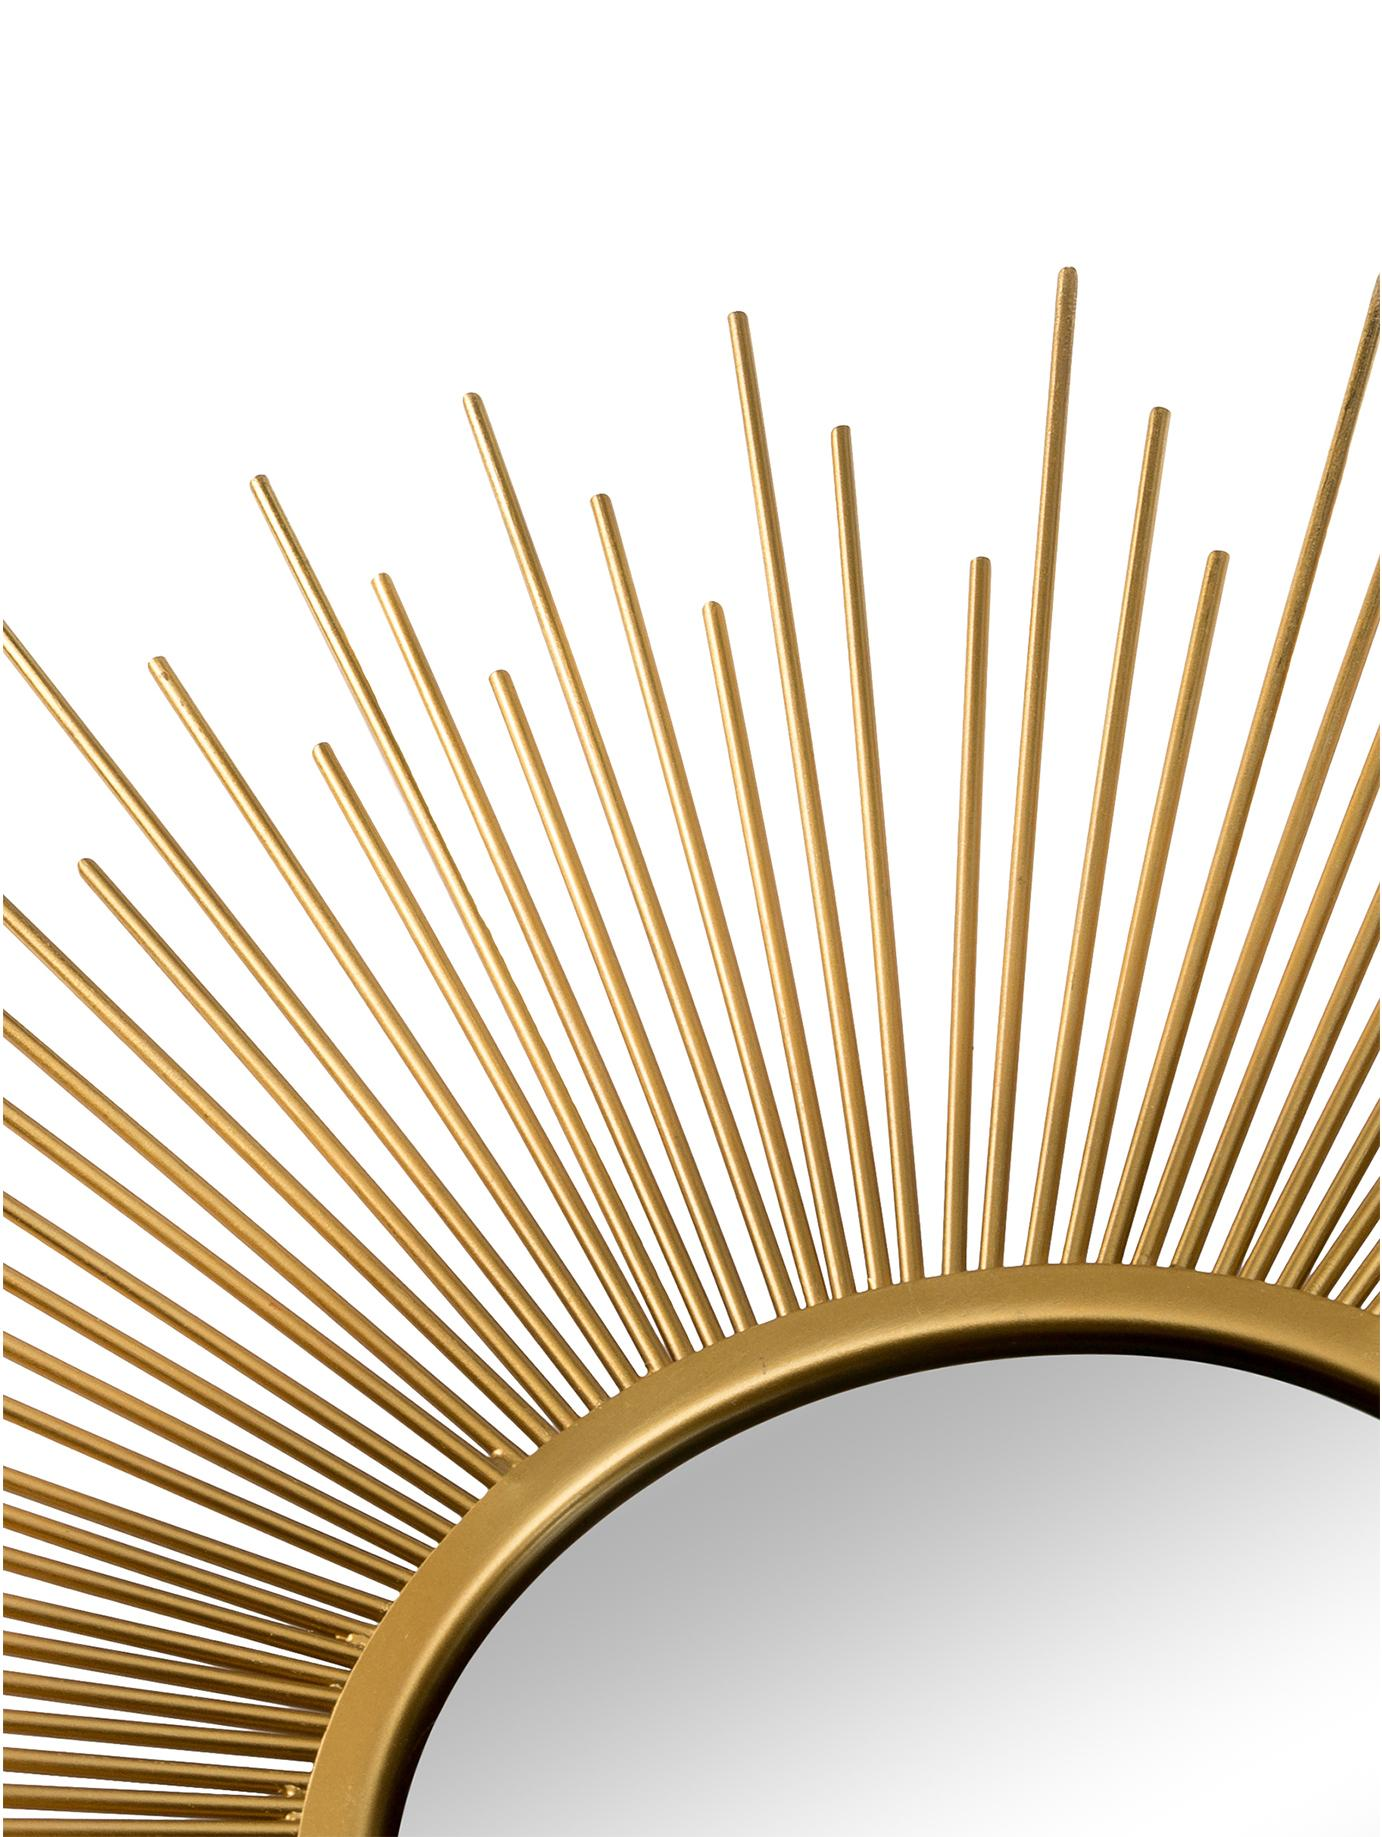 Sonnenspiegel-Set Sun mit Goldrahmen, 3-tlg, Rahmen: Aluminium, beschichtet, Spiegelfläche: Spiegelglas, Goldfarben, Sondergrößen